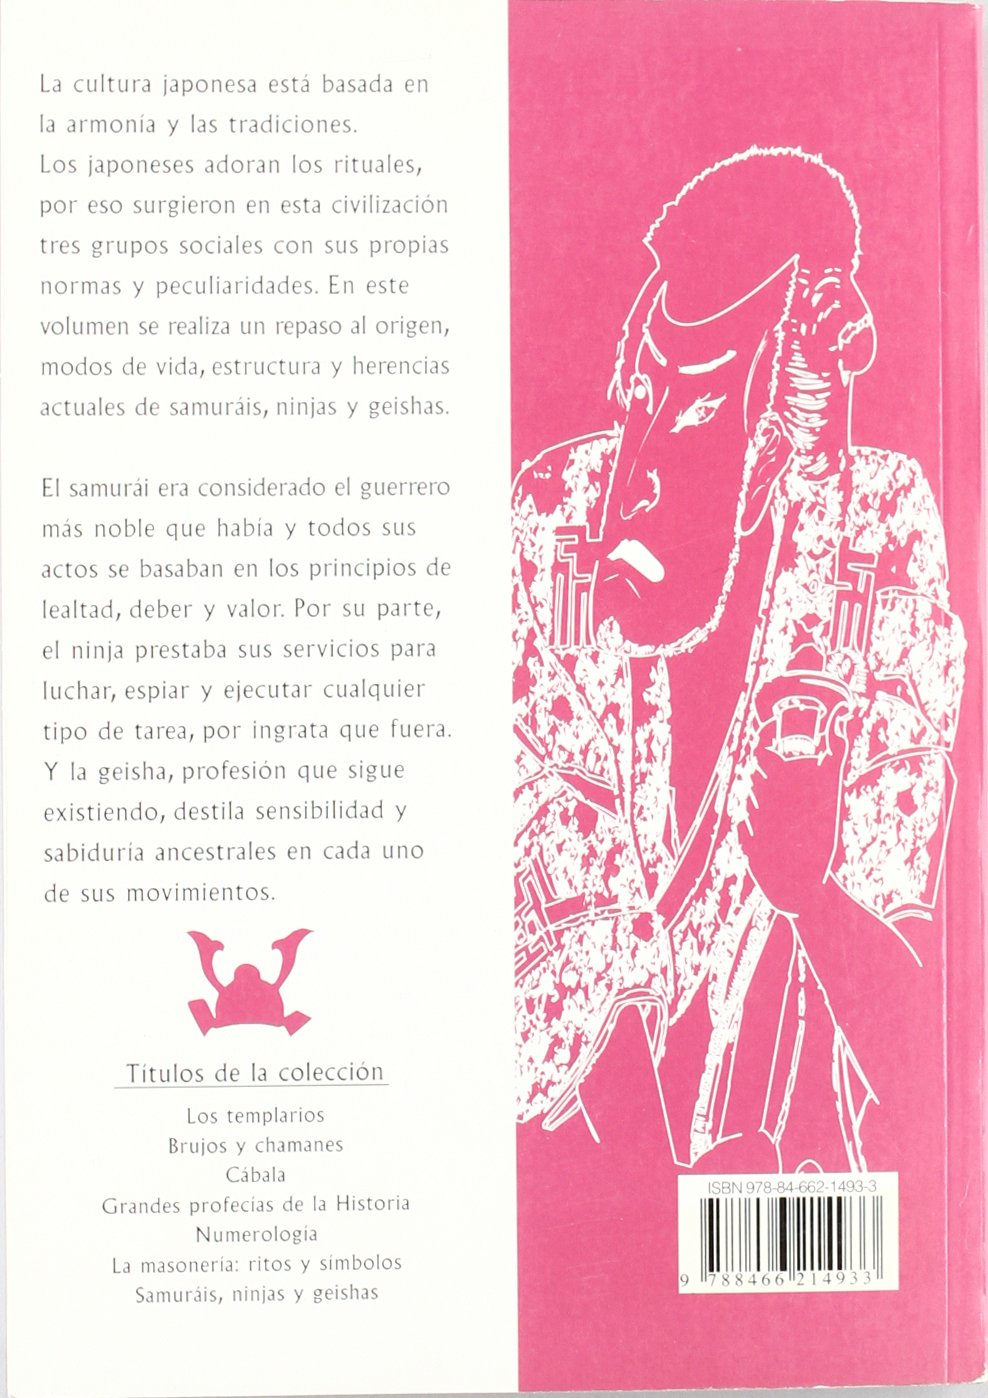 Samuráis, Geishas y Ninjas: Amazon.es: Javier Villahizan: Libros